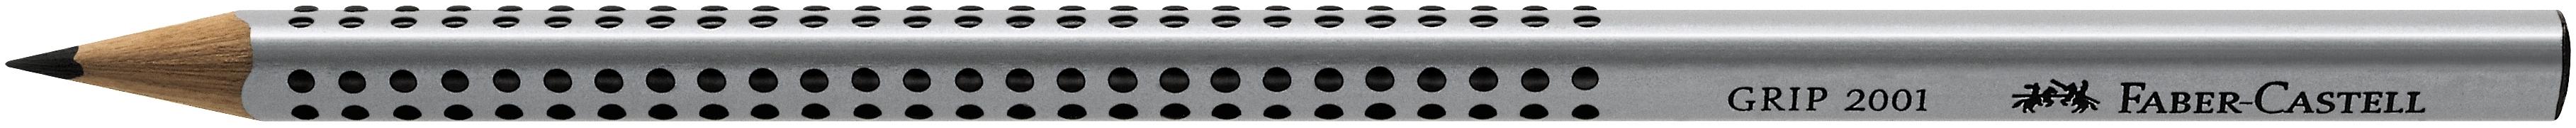 Faber-Castell Bleistift GRIP 2001 - 2B, silbergrau